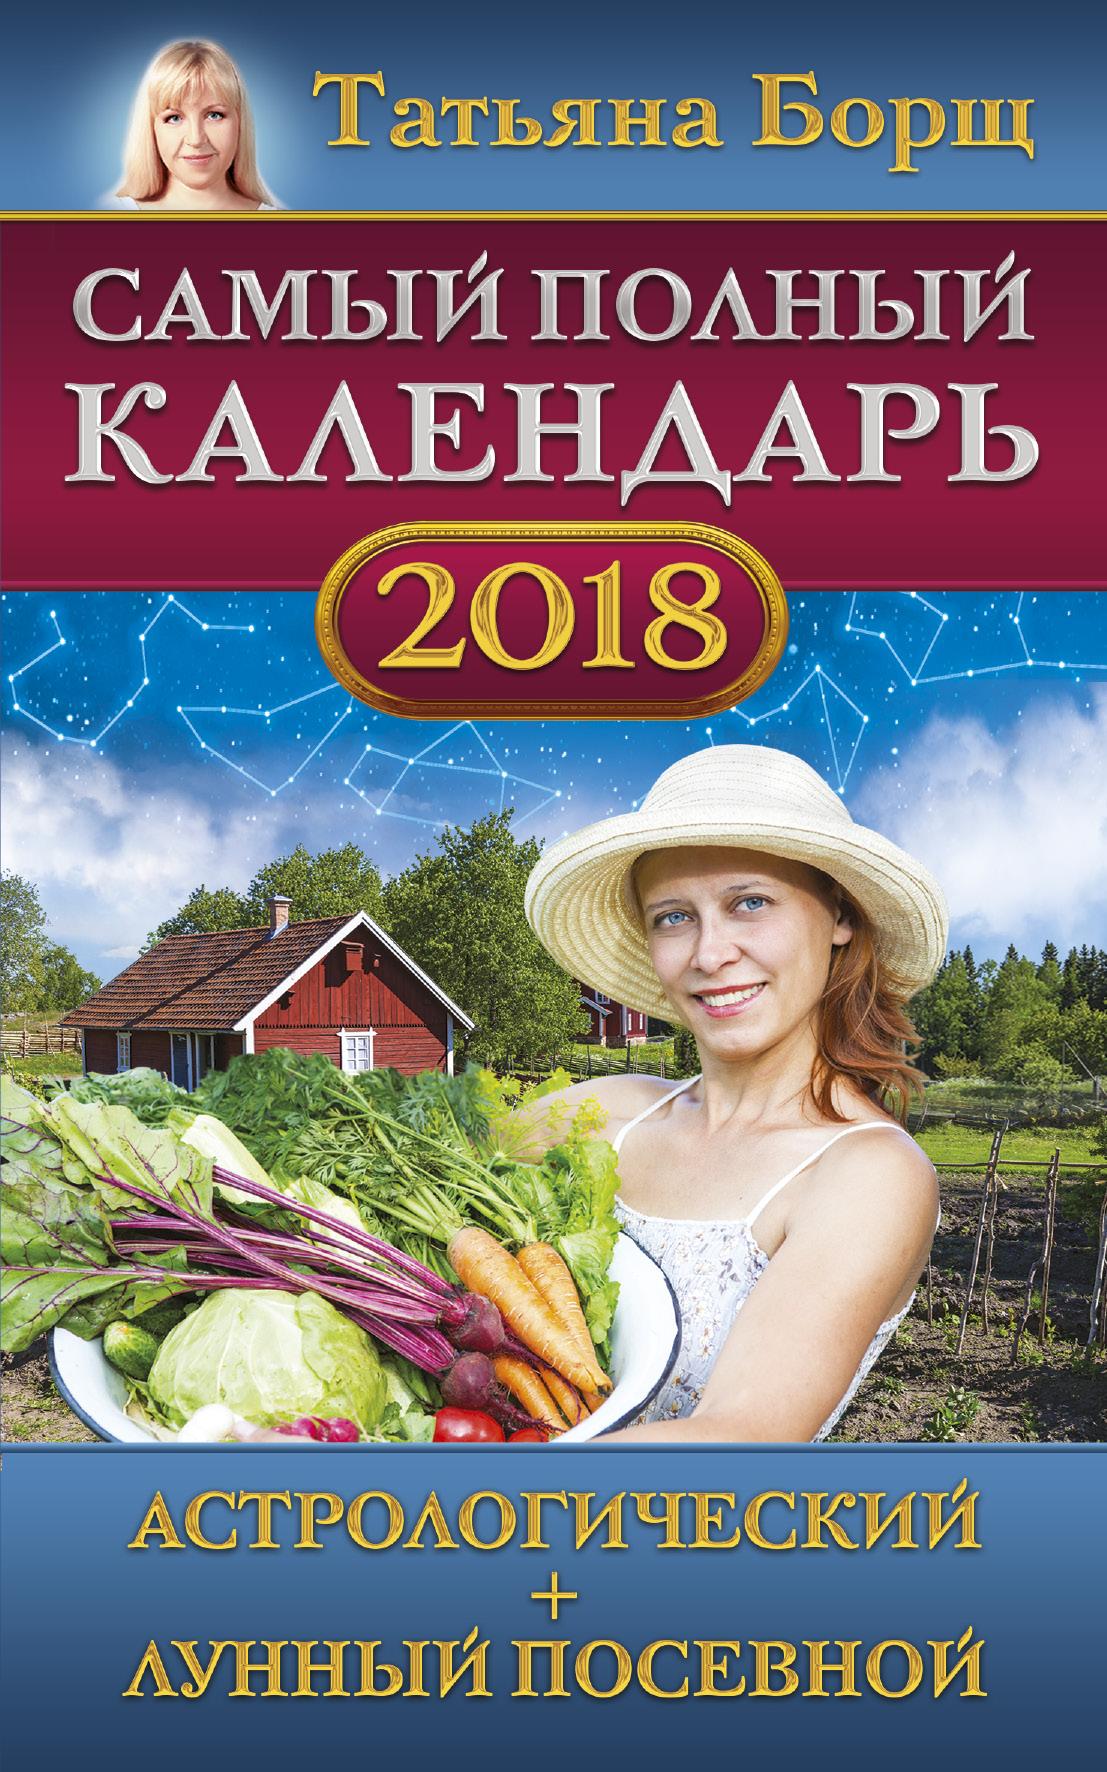 Борщ Татьяна Самый полный календарь на 2018 год: астрологический + лунный посевной